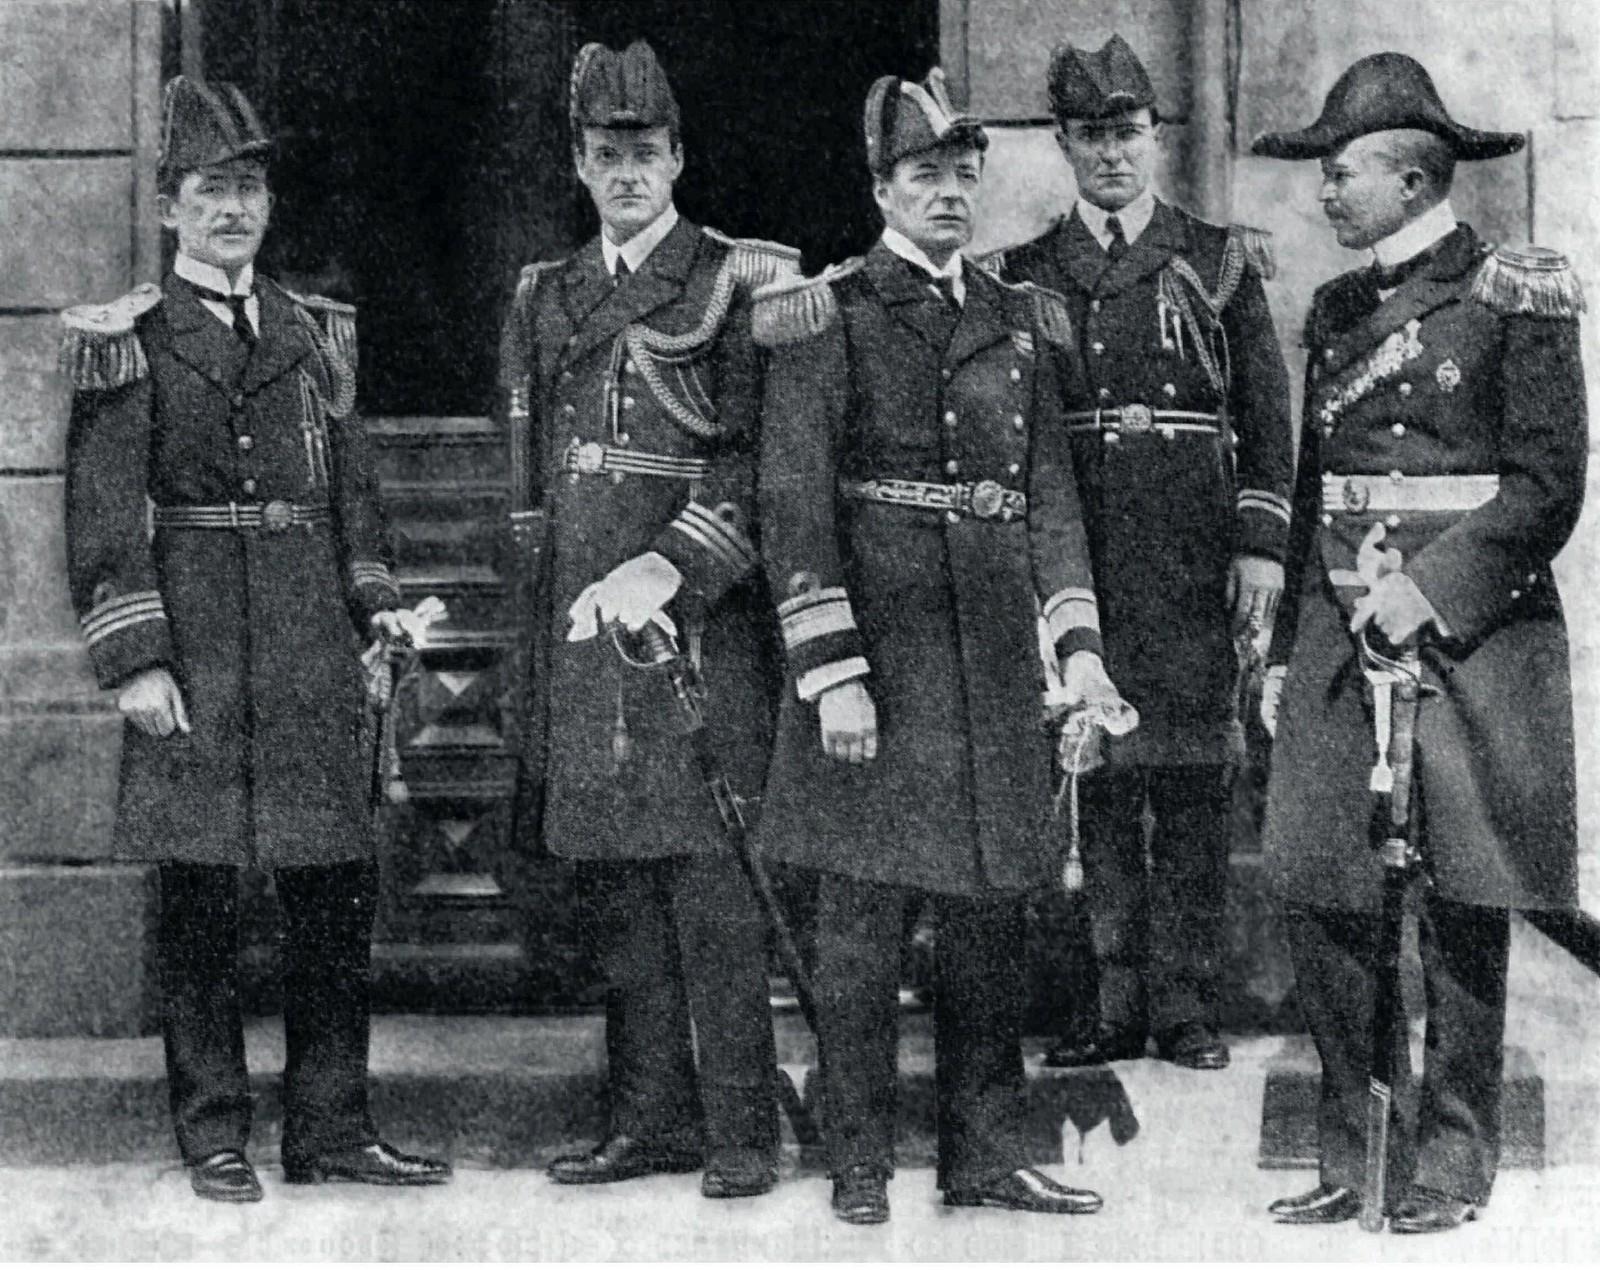 1914. Адмирал Дэвид Битти, командующий английской эскадрой. Кронштадт